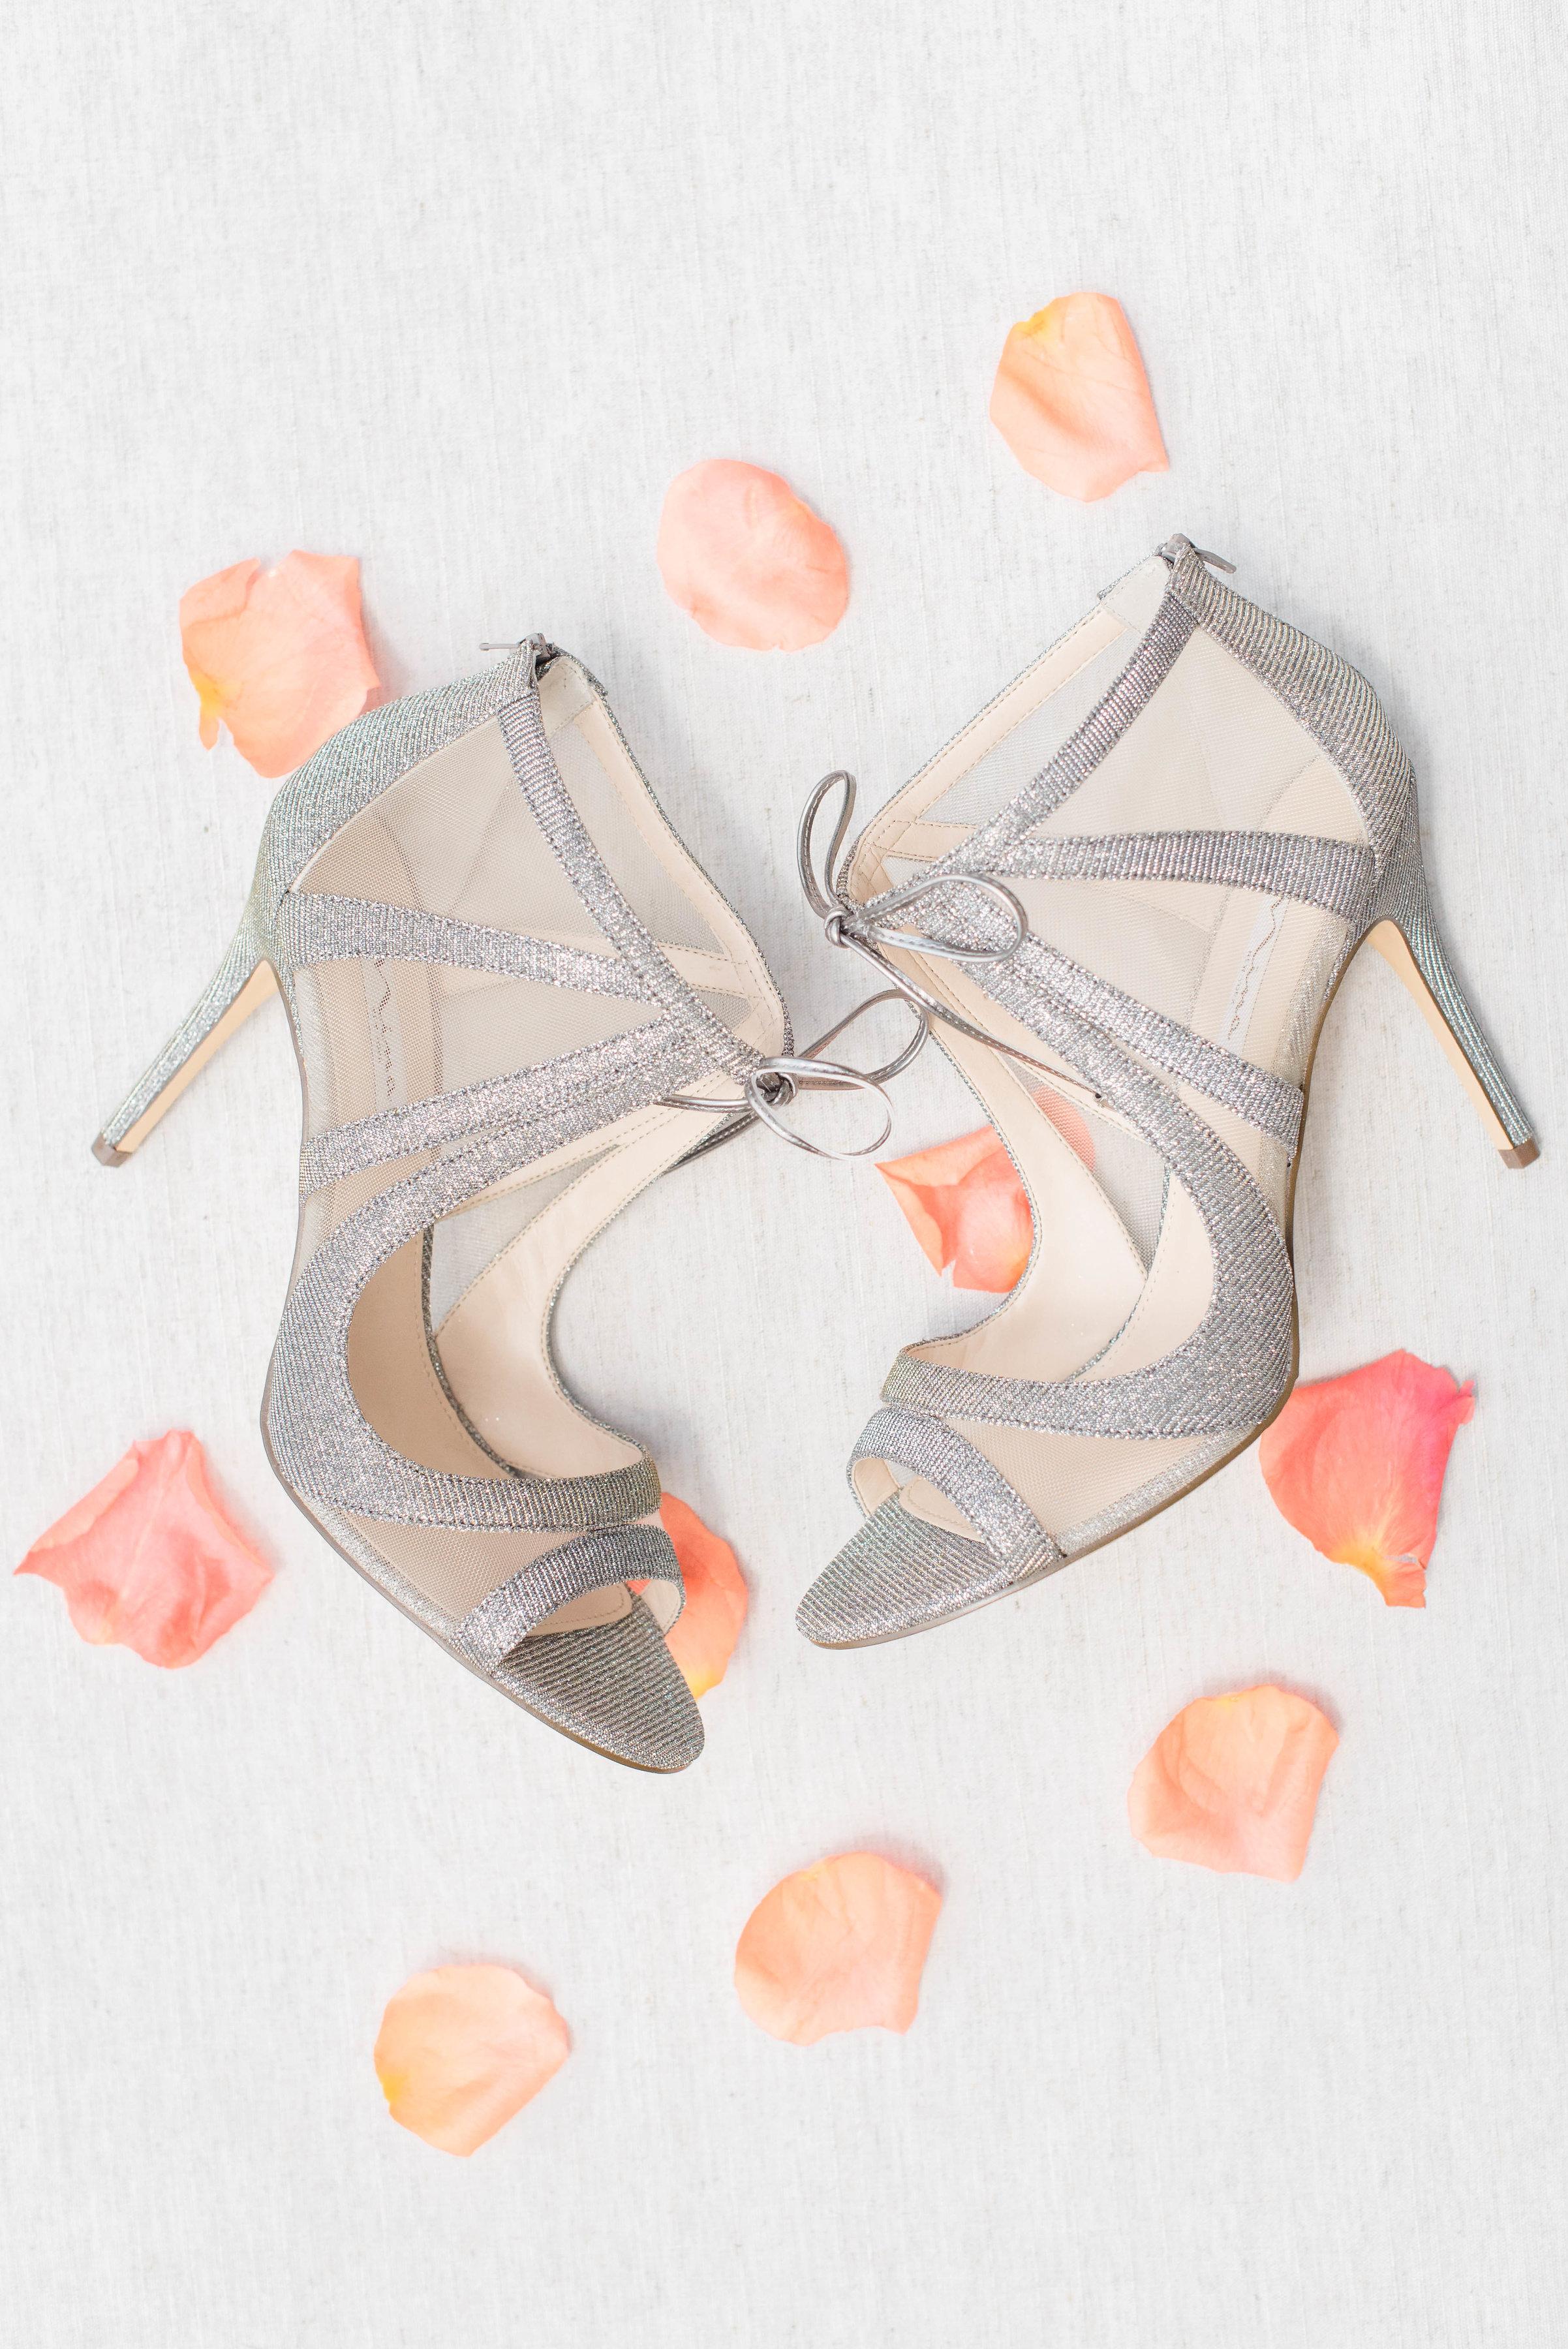 Bridal shoes with rose petals // Nashville Wedding Floral Design